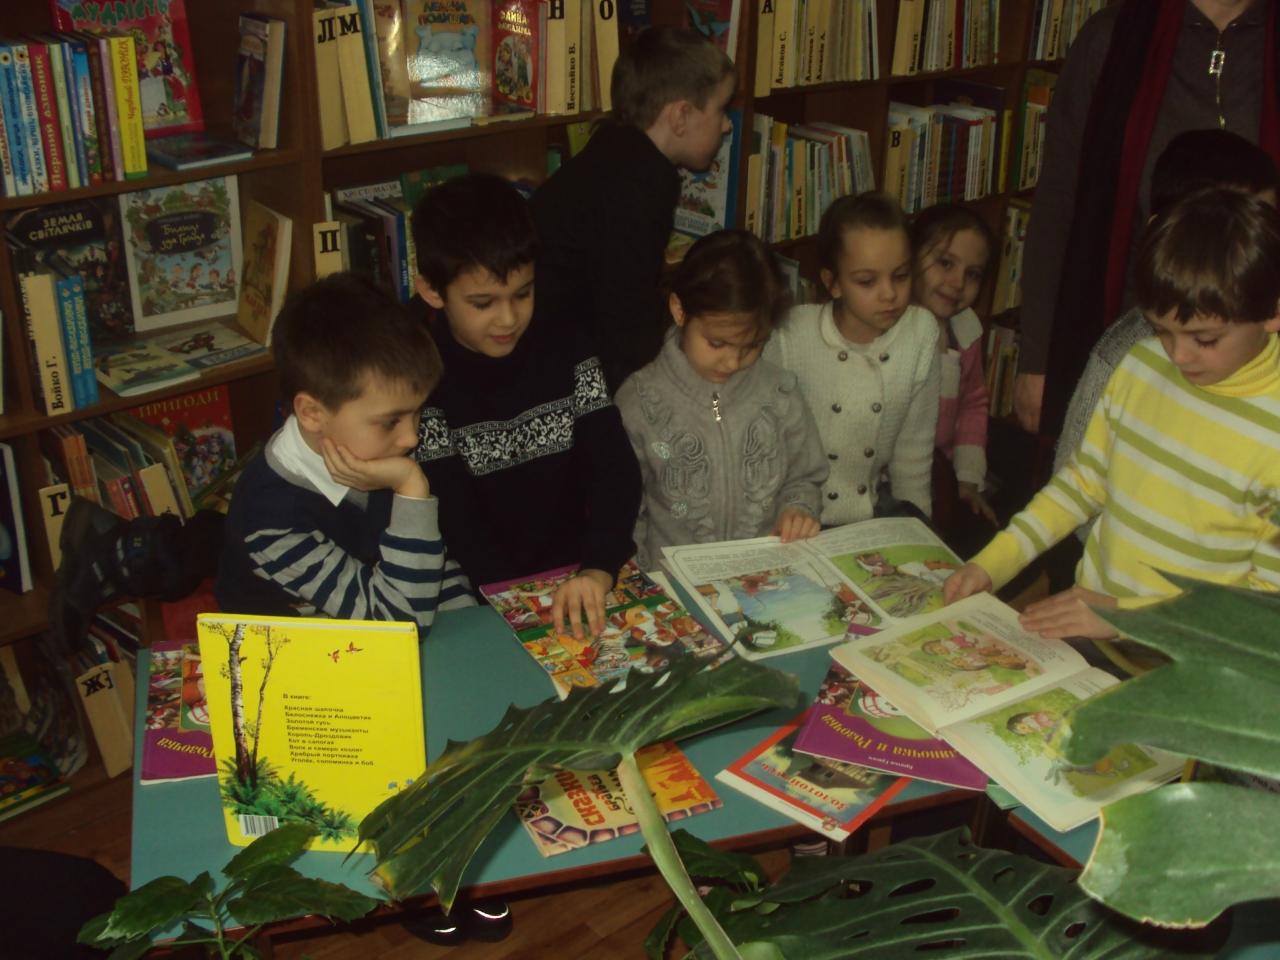 вильгельм гримм,наши любиміе сказки,донецкая республиканская библиотека для детей,отдел обслуживания дошкольников и учащихся 1-4 классов,мероприятия с детьми